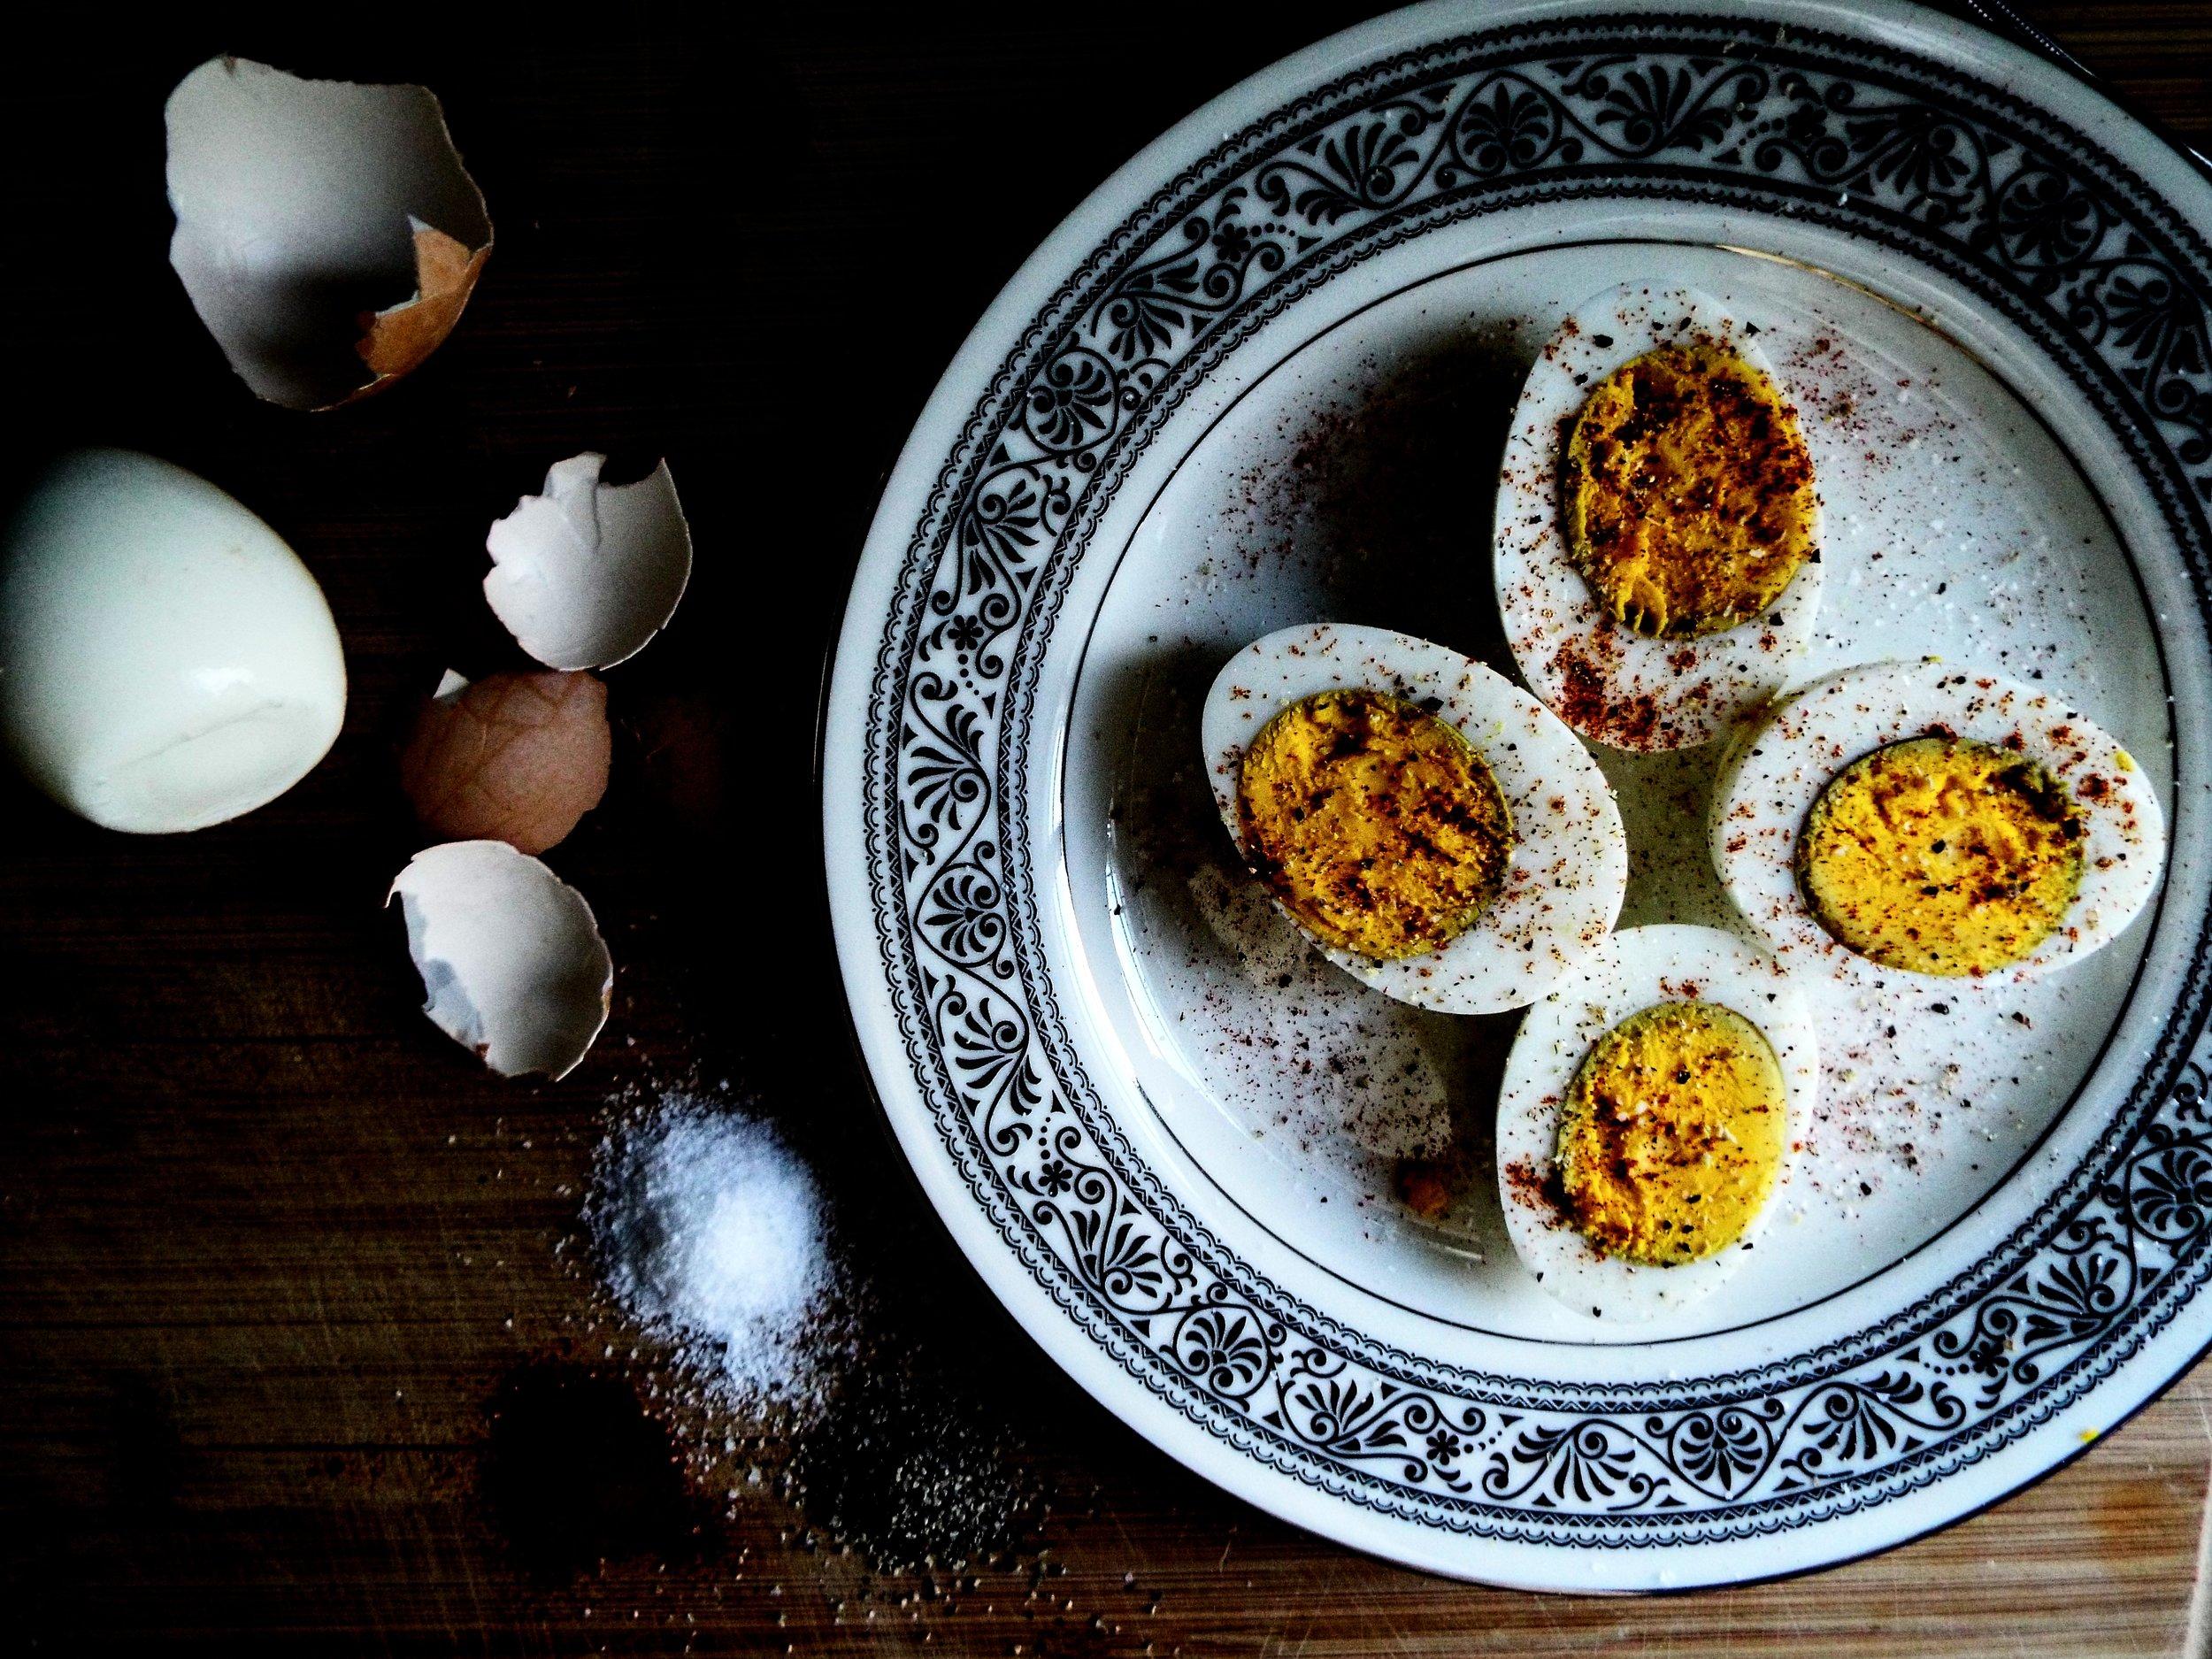 boiled eggs.jpg